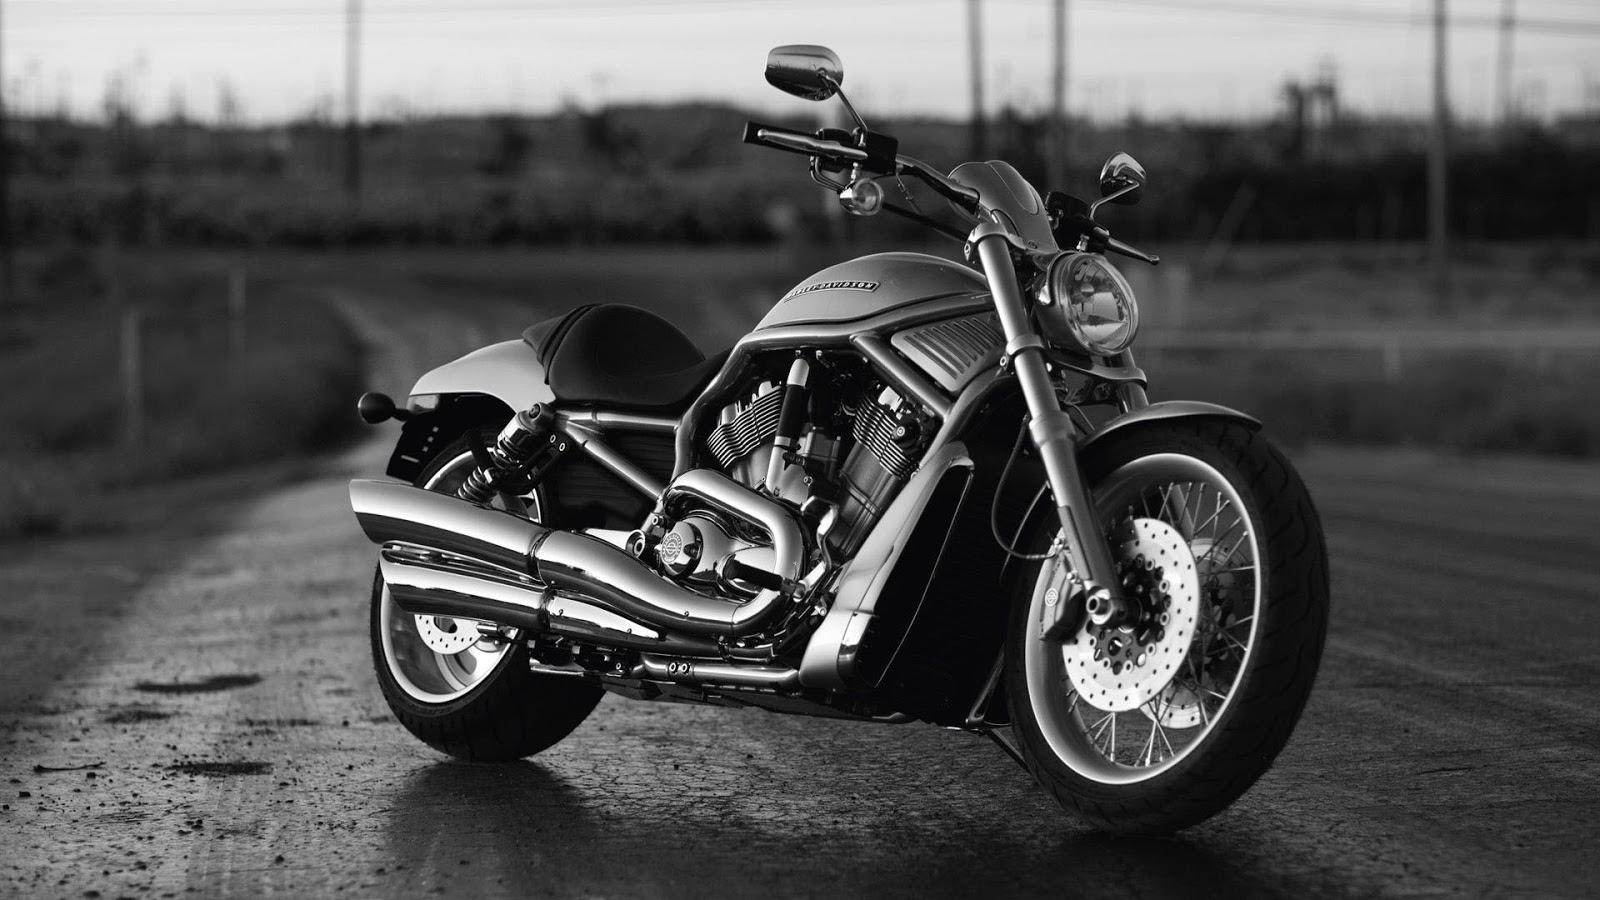 Daftar Harga Motor Harley Davidson Terbaru